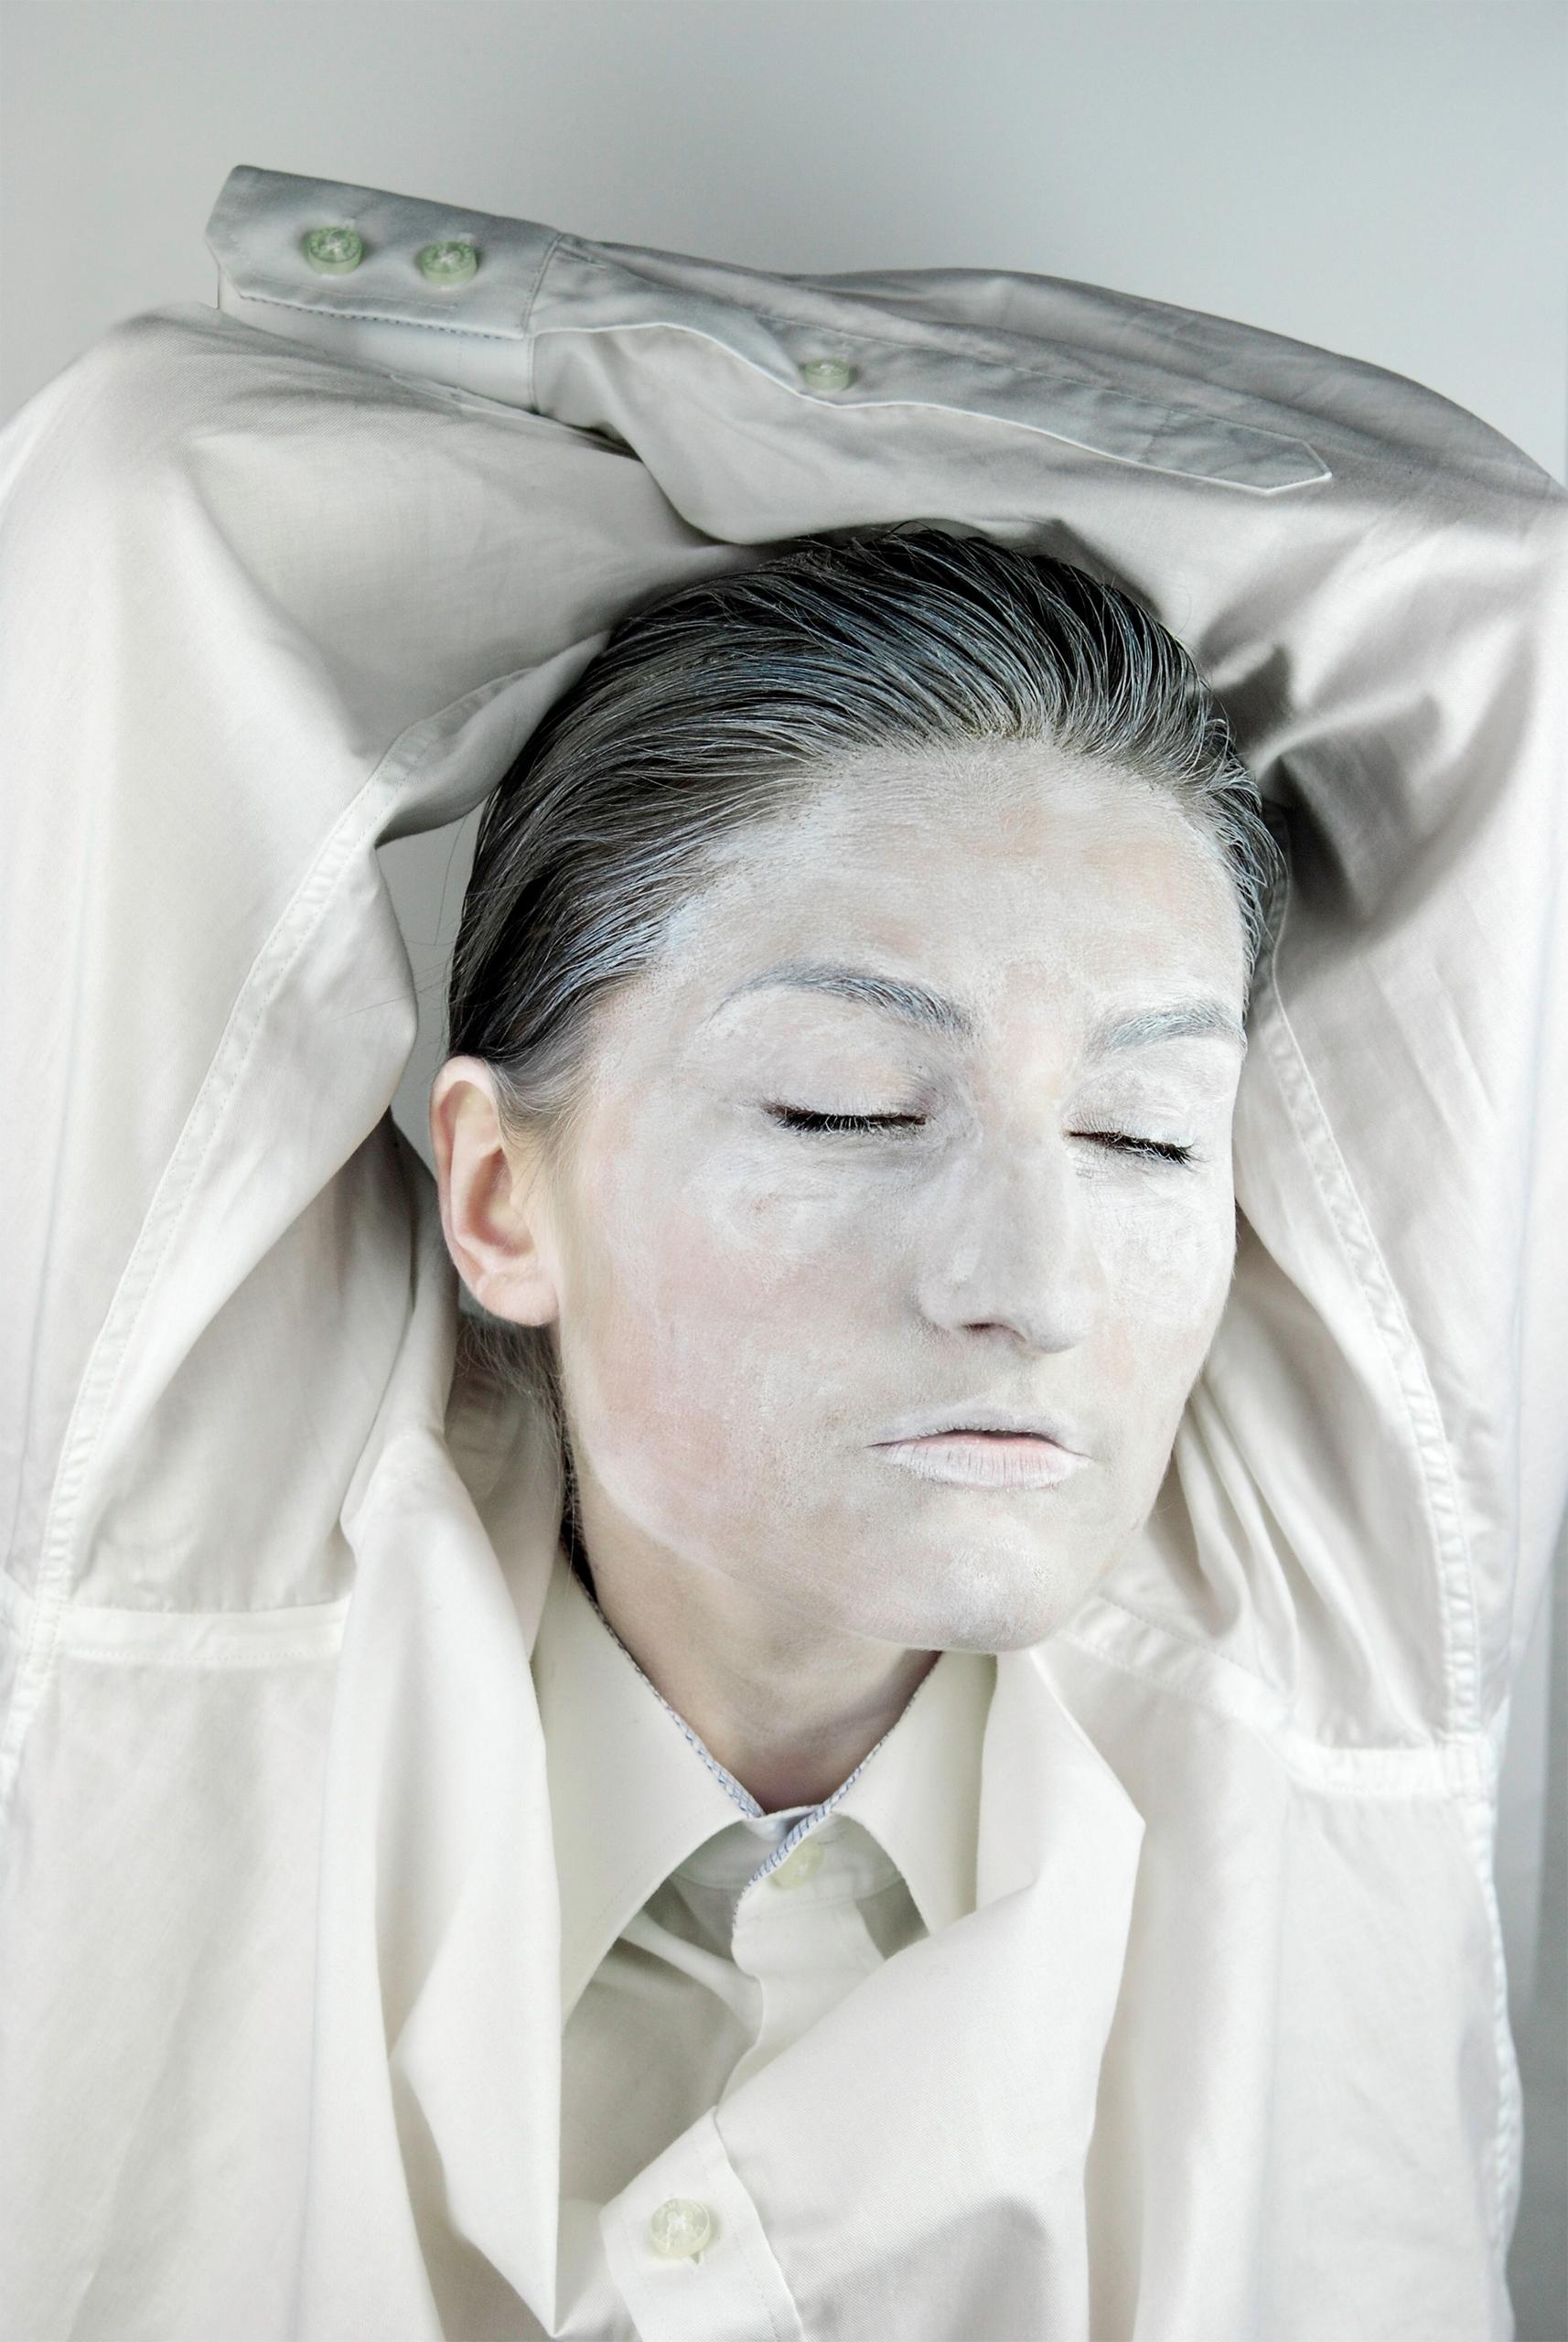 Zdjęcie przedstawia postać pomalowaną na biało z zamkniętymi oczami i rękami podniesionymi do góry.